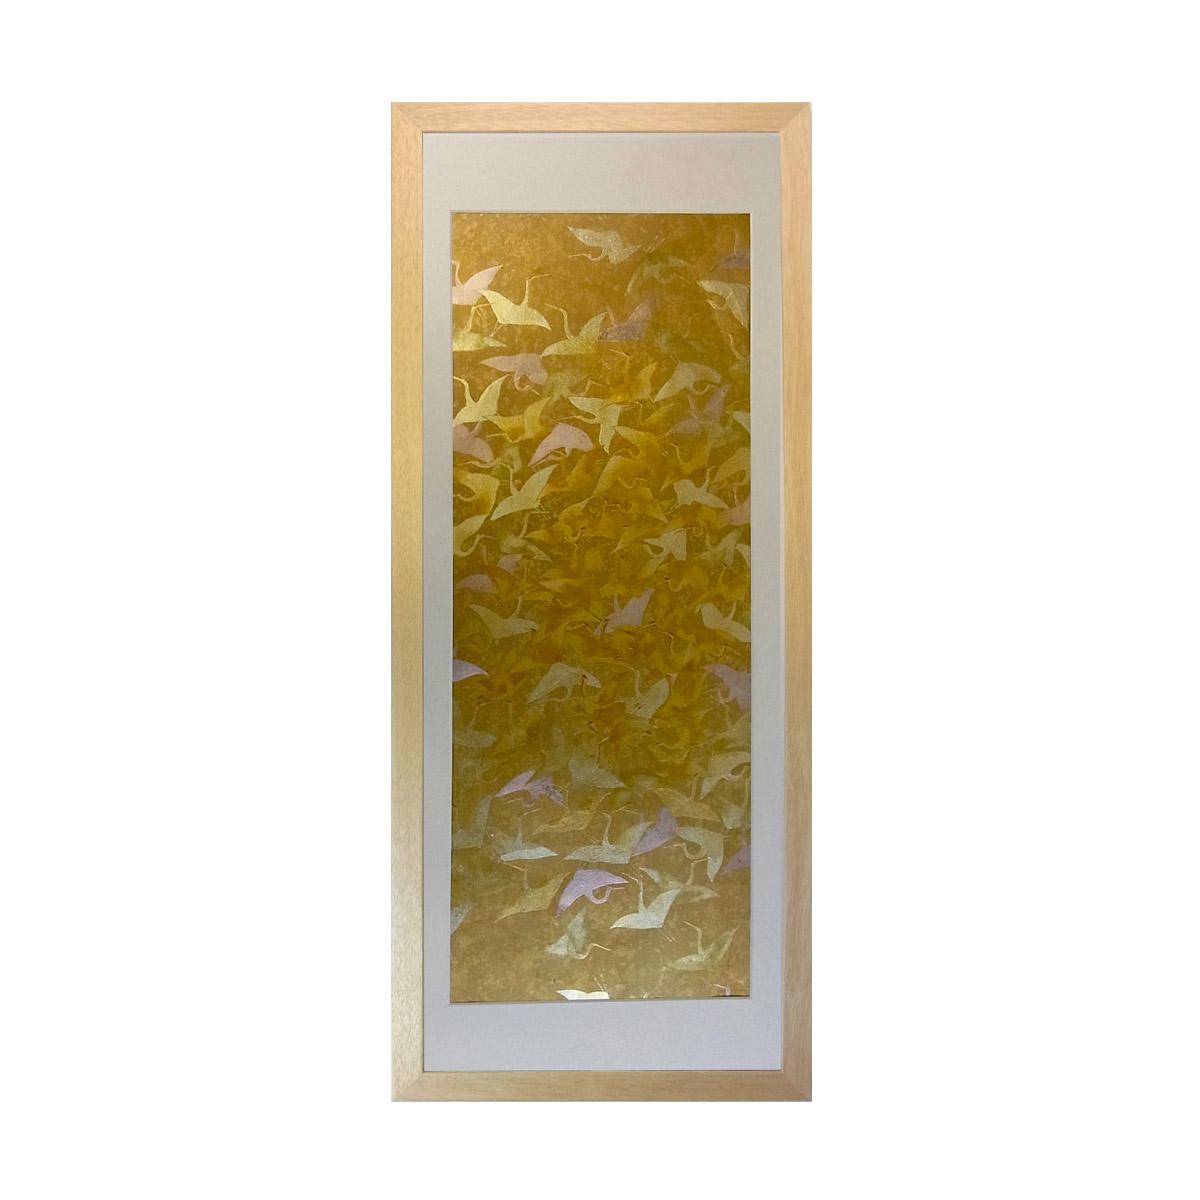 和風の額 壁掛インテリア 西陣織帯原画のアートフレーム 《13》